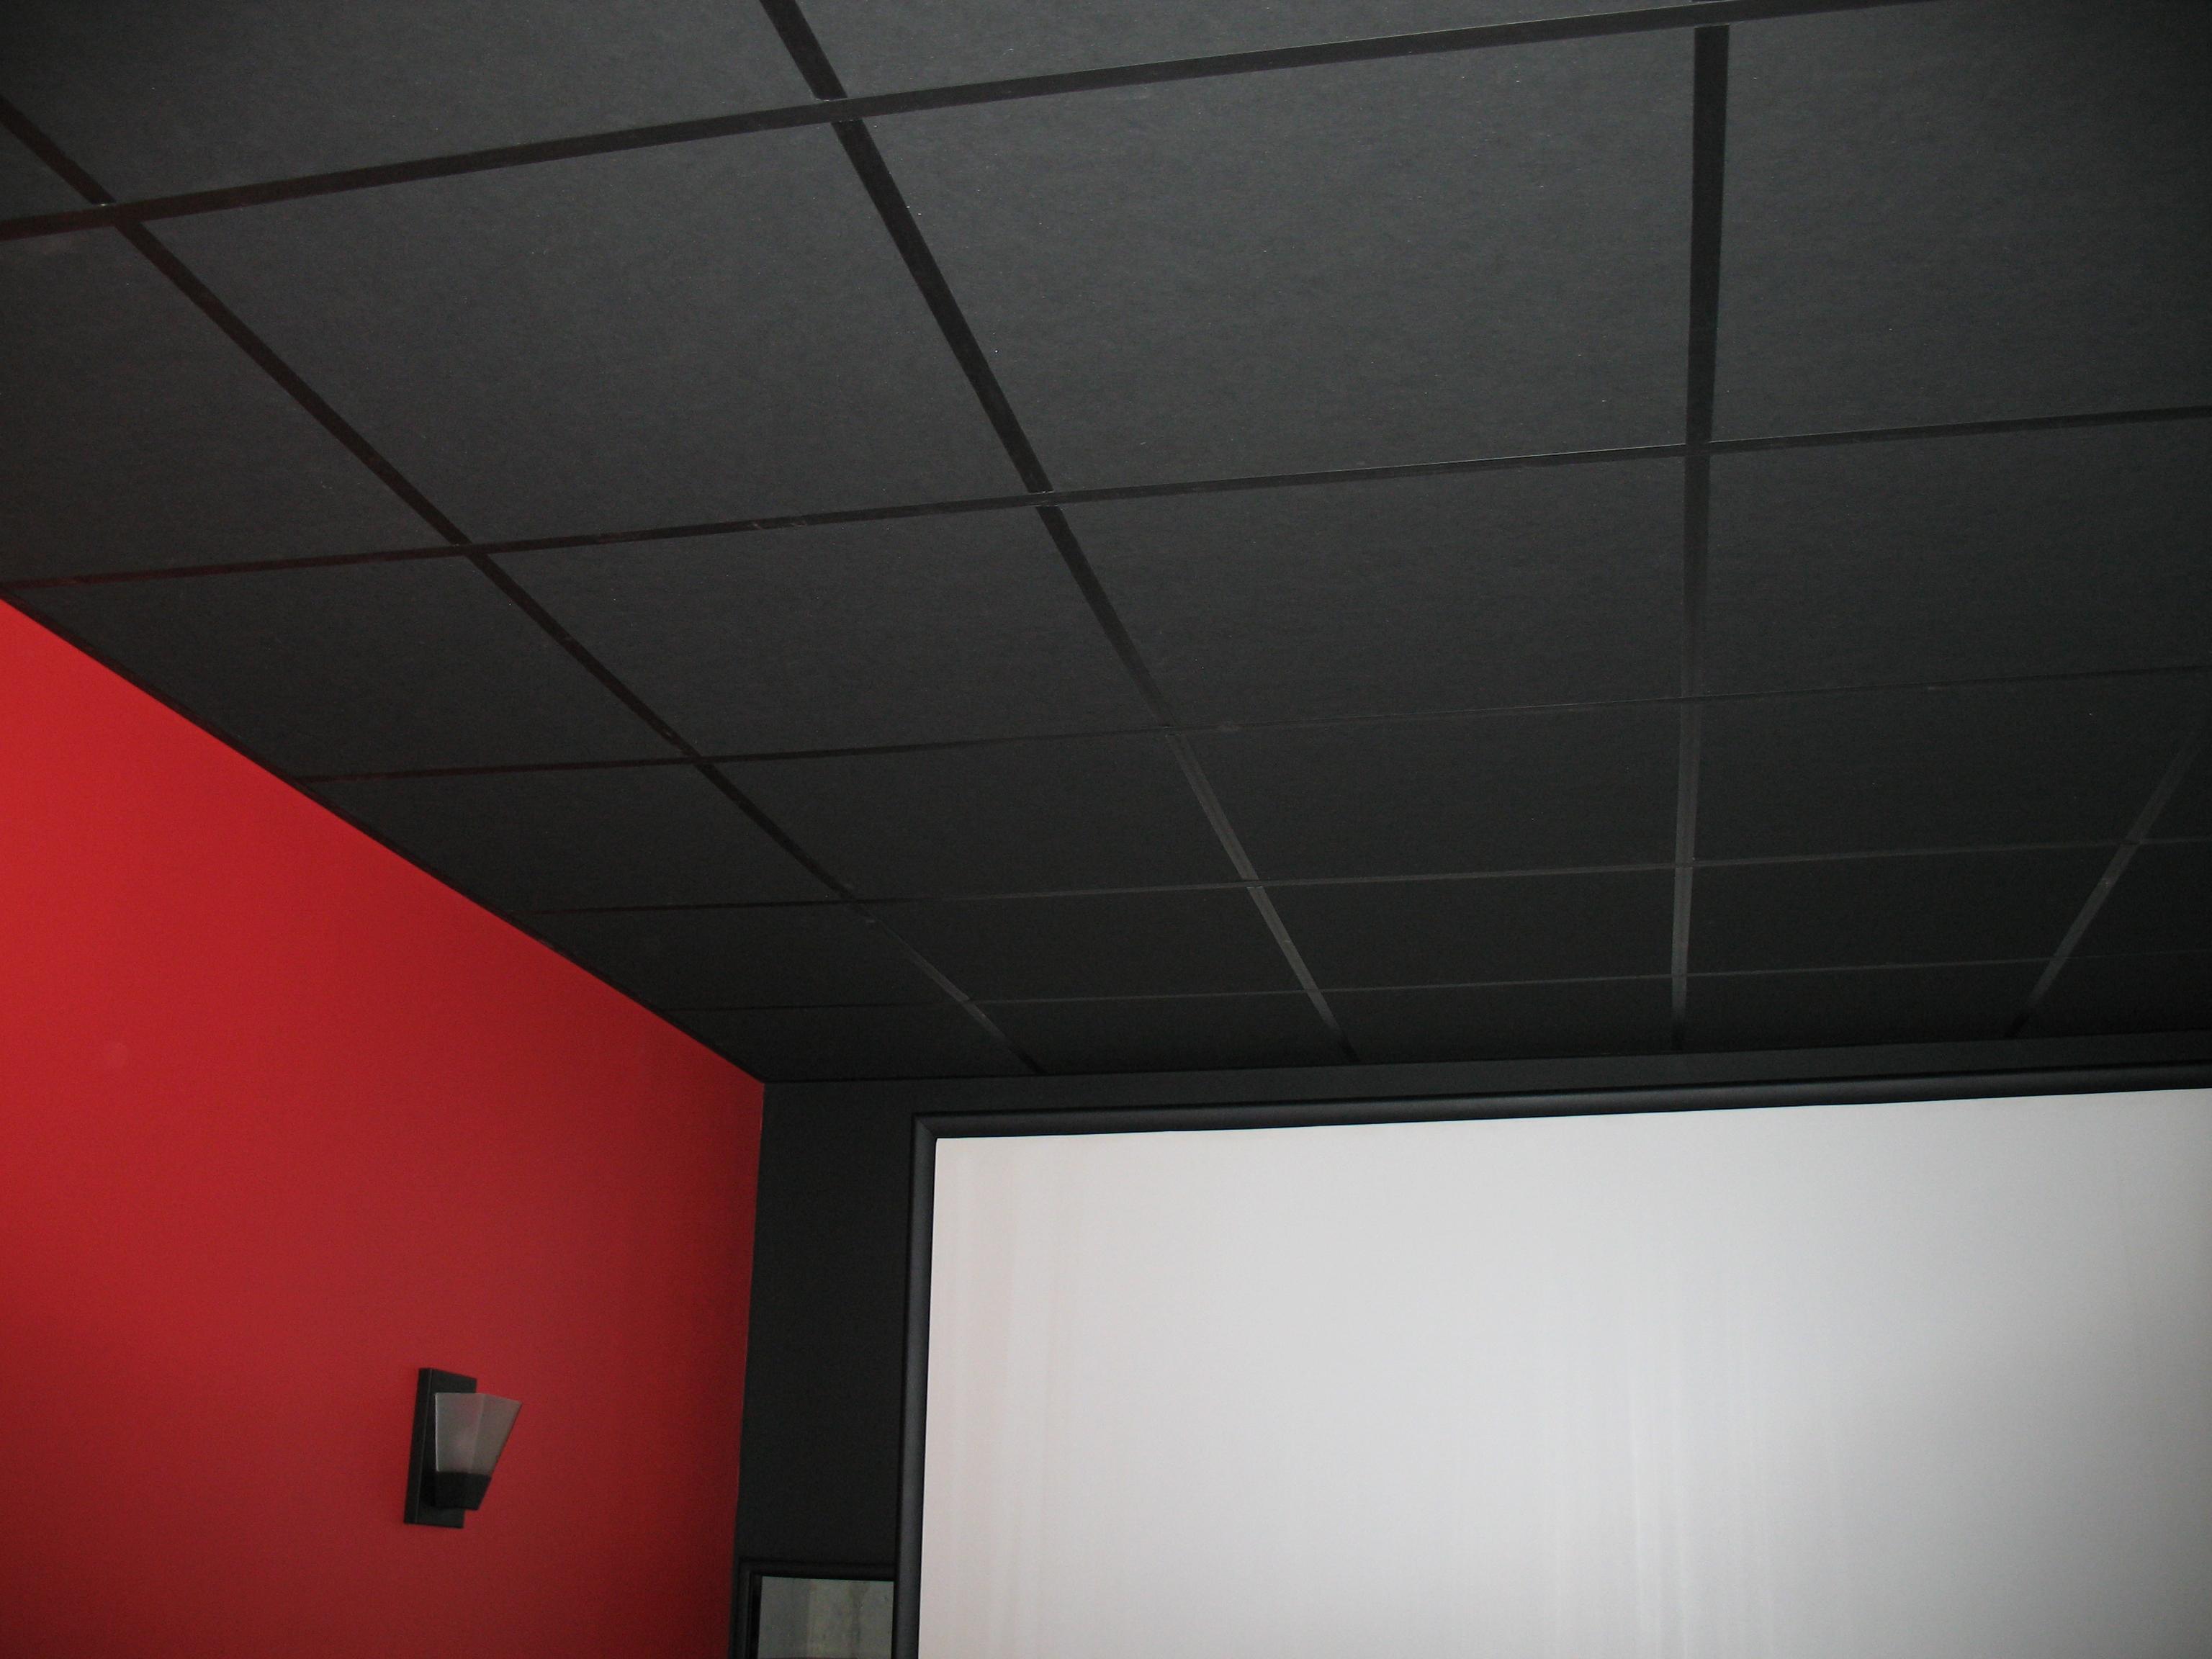 Black Cinetile Matte Facing